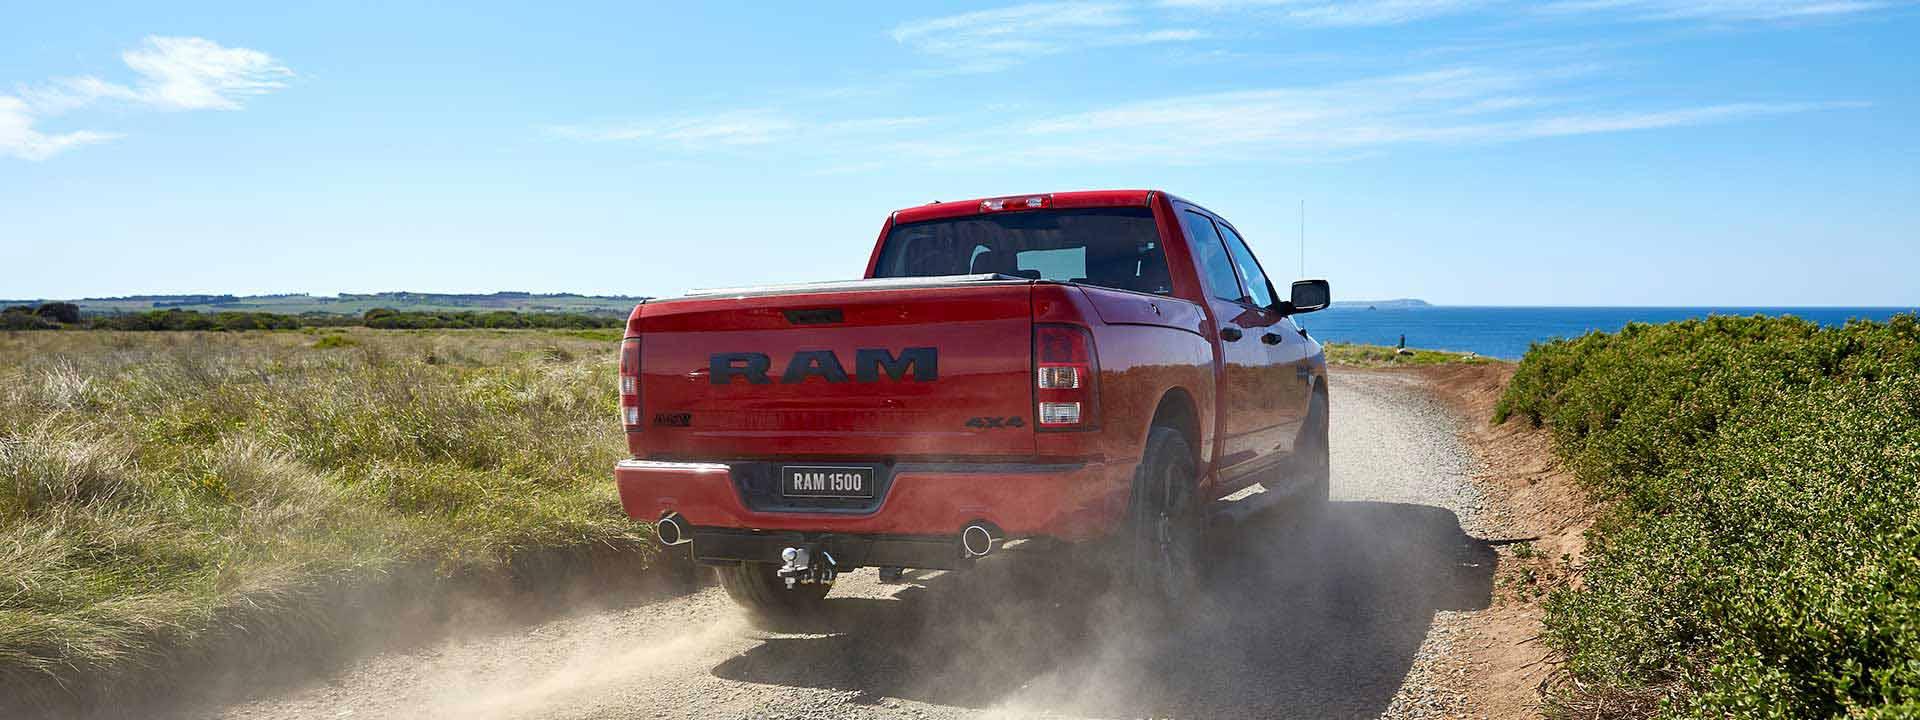 RAM Roadside Assistance